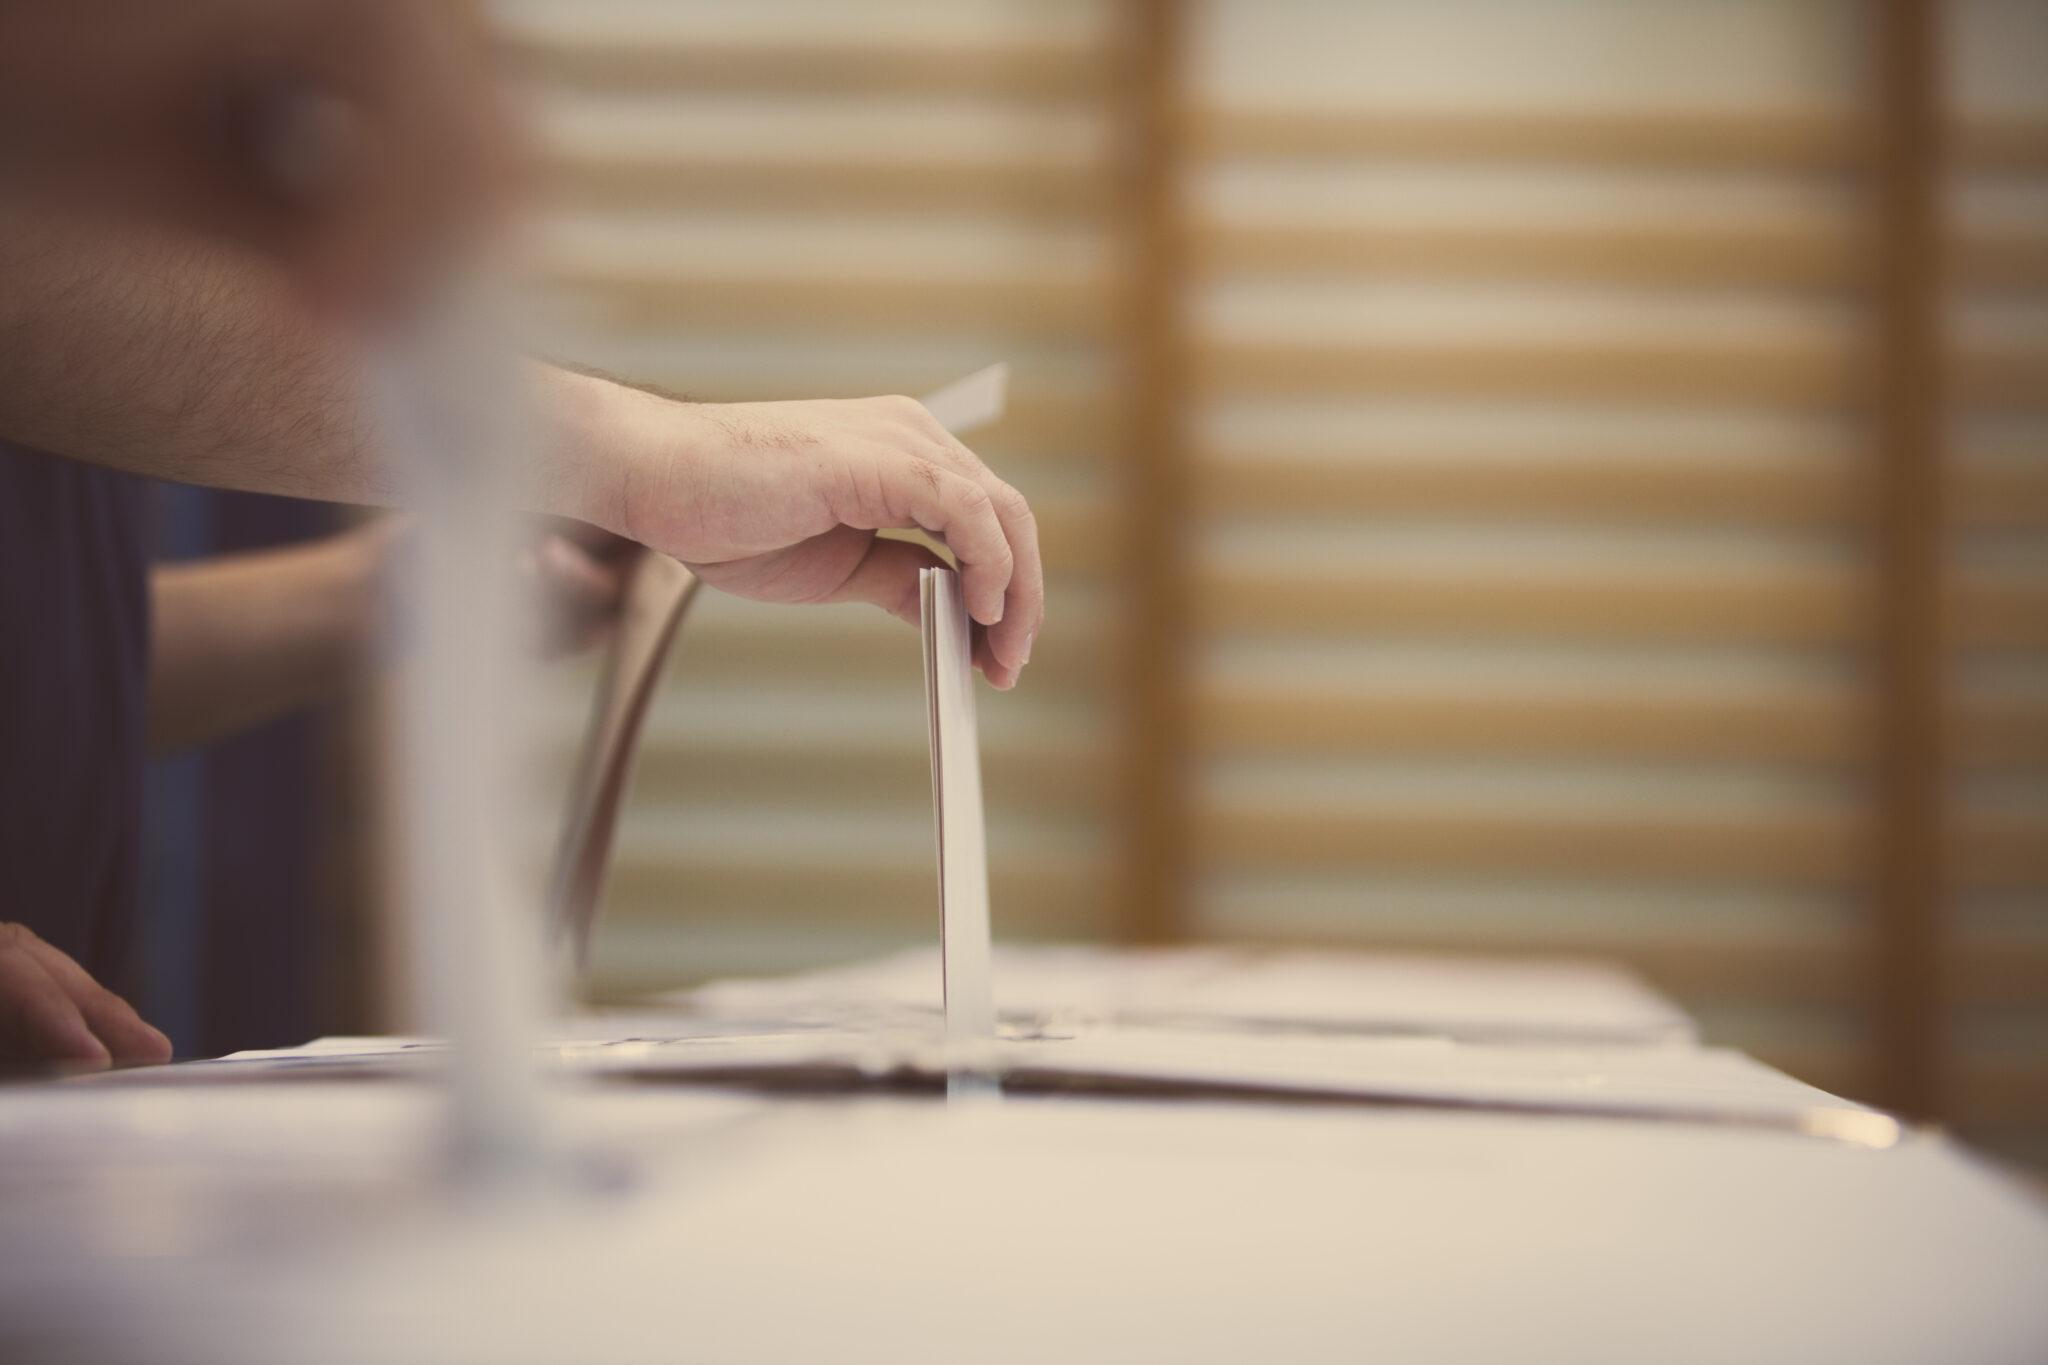 Eine Hand wirft einen Wahlzettel ein.